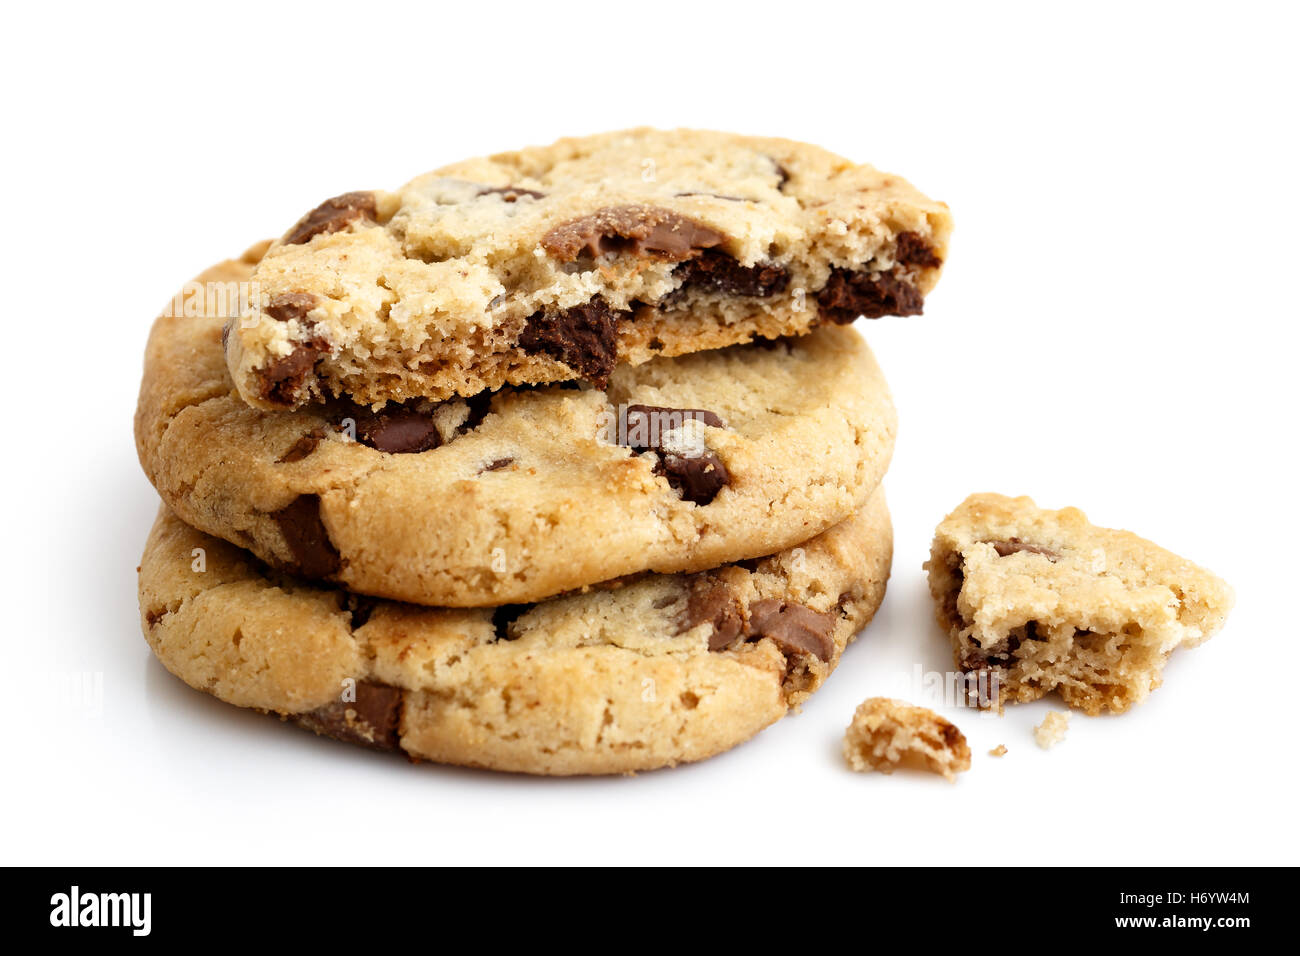 Una pila de tres galletas con trocitos de chocolate de luz aislados. La mitad con migas. Foto de stock